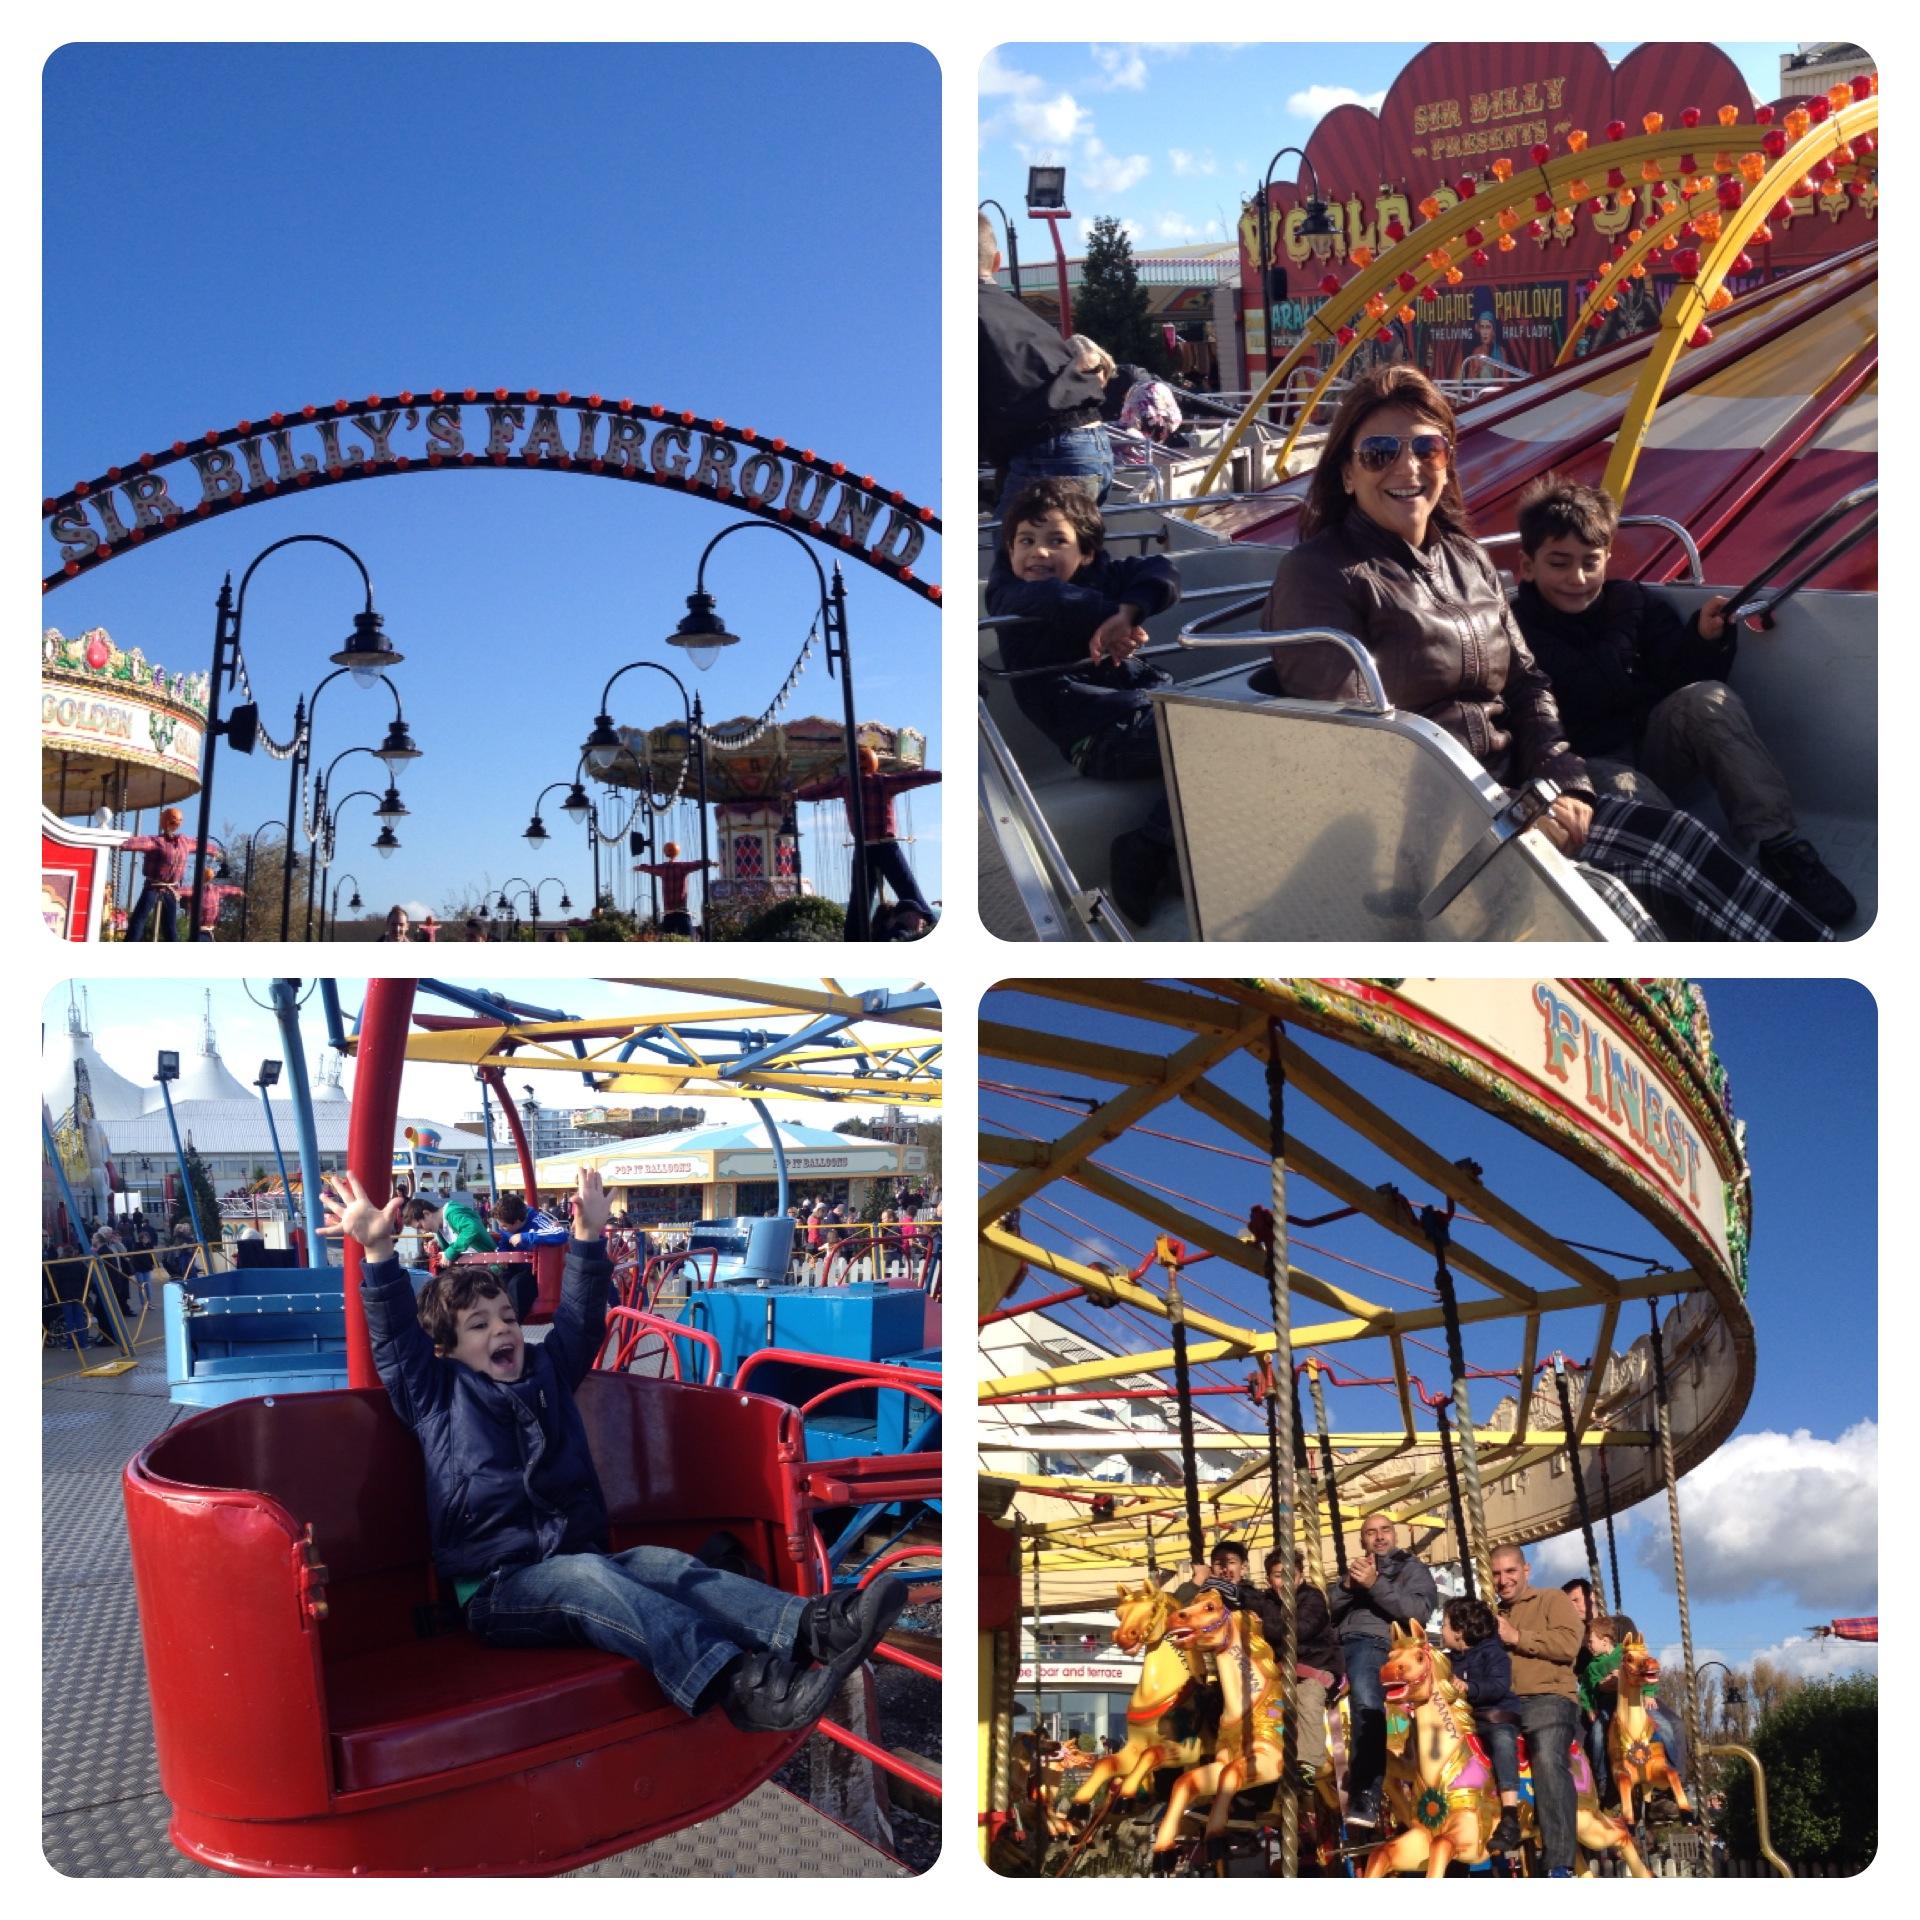 Sir Billy's Fairground